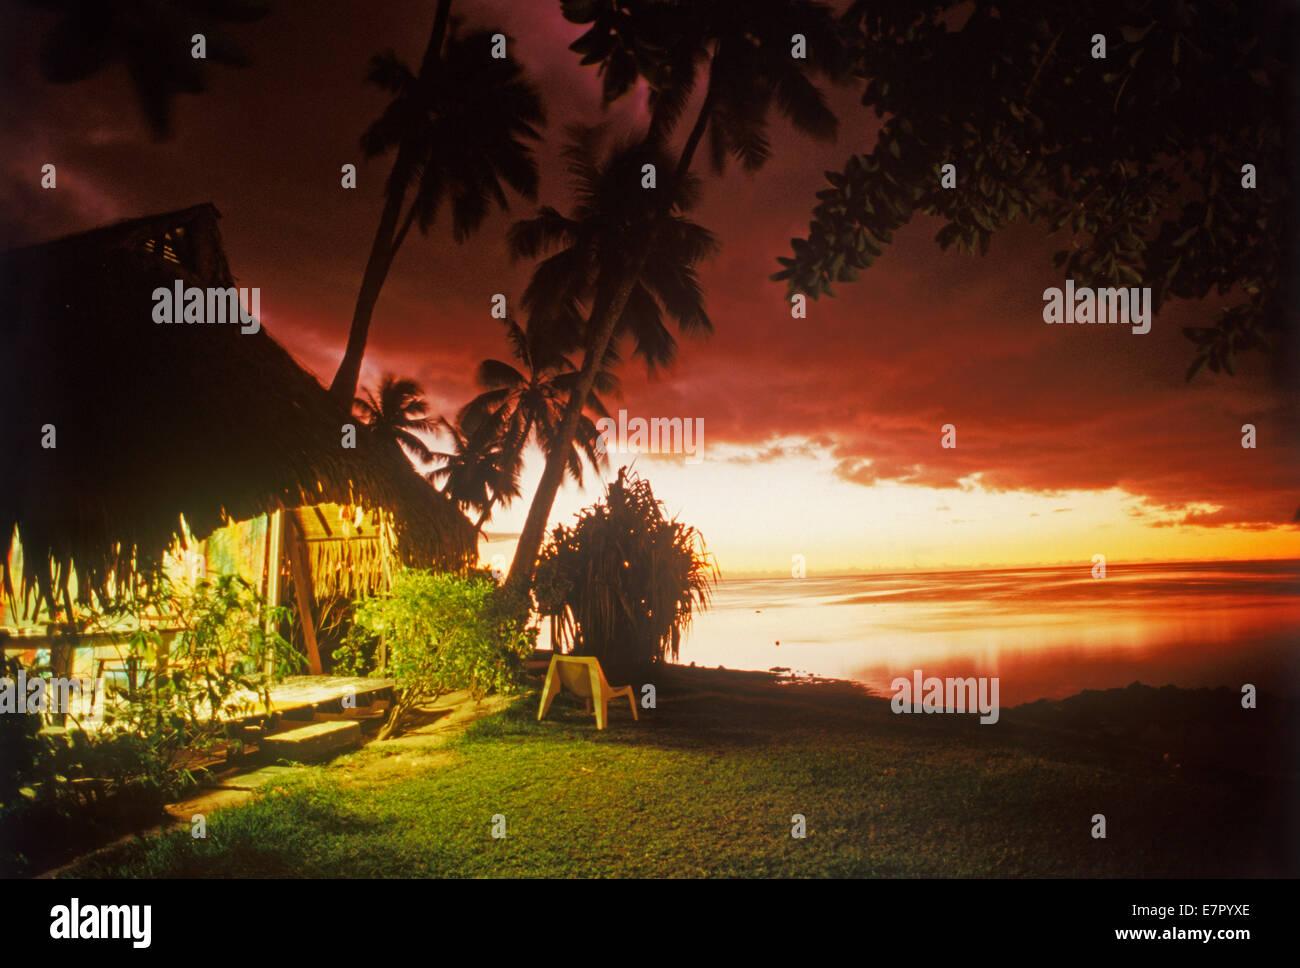 Capanna illuminata al tramonto sull'Isola di Moorea in Polinesia francese Immagini Stock